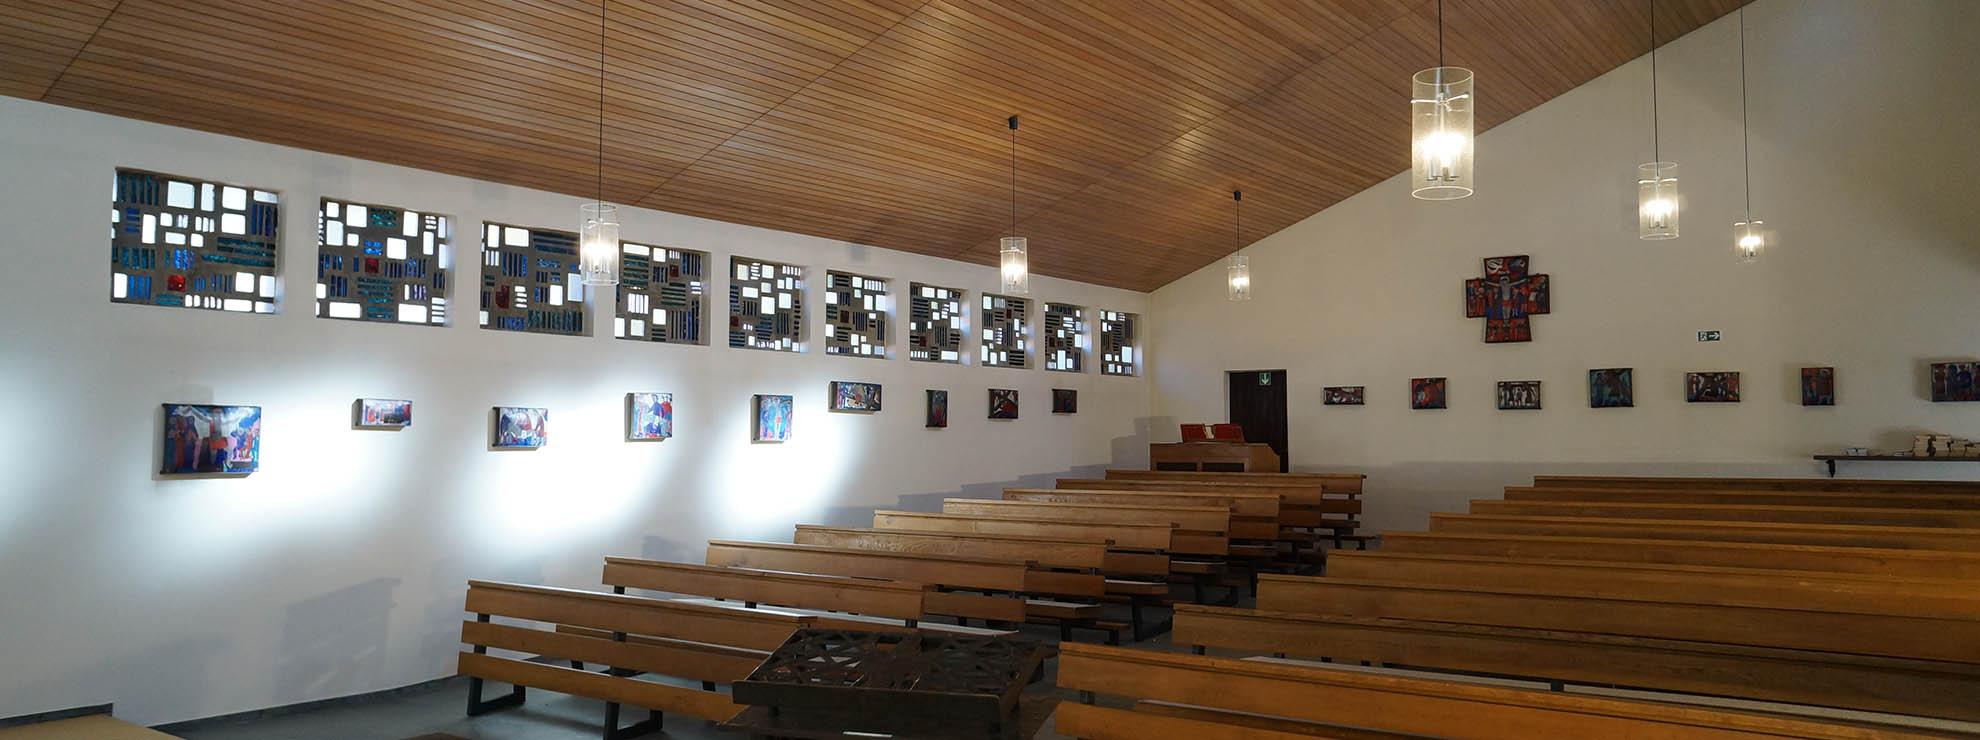 Christliche Gruppen finden bei uns eine eigene Kapelle